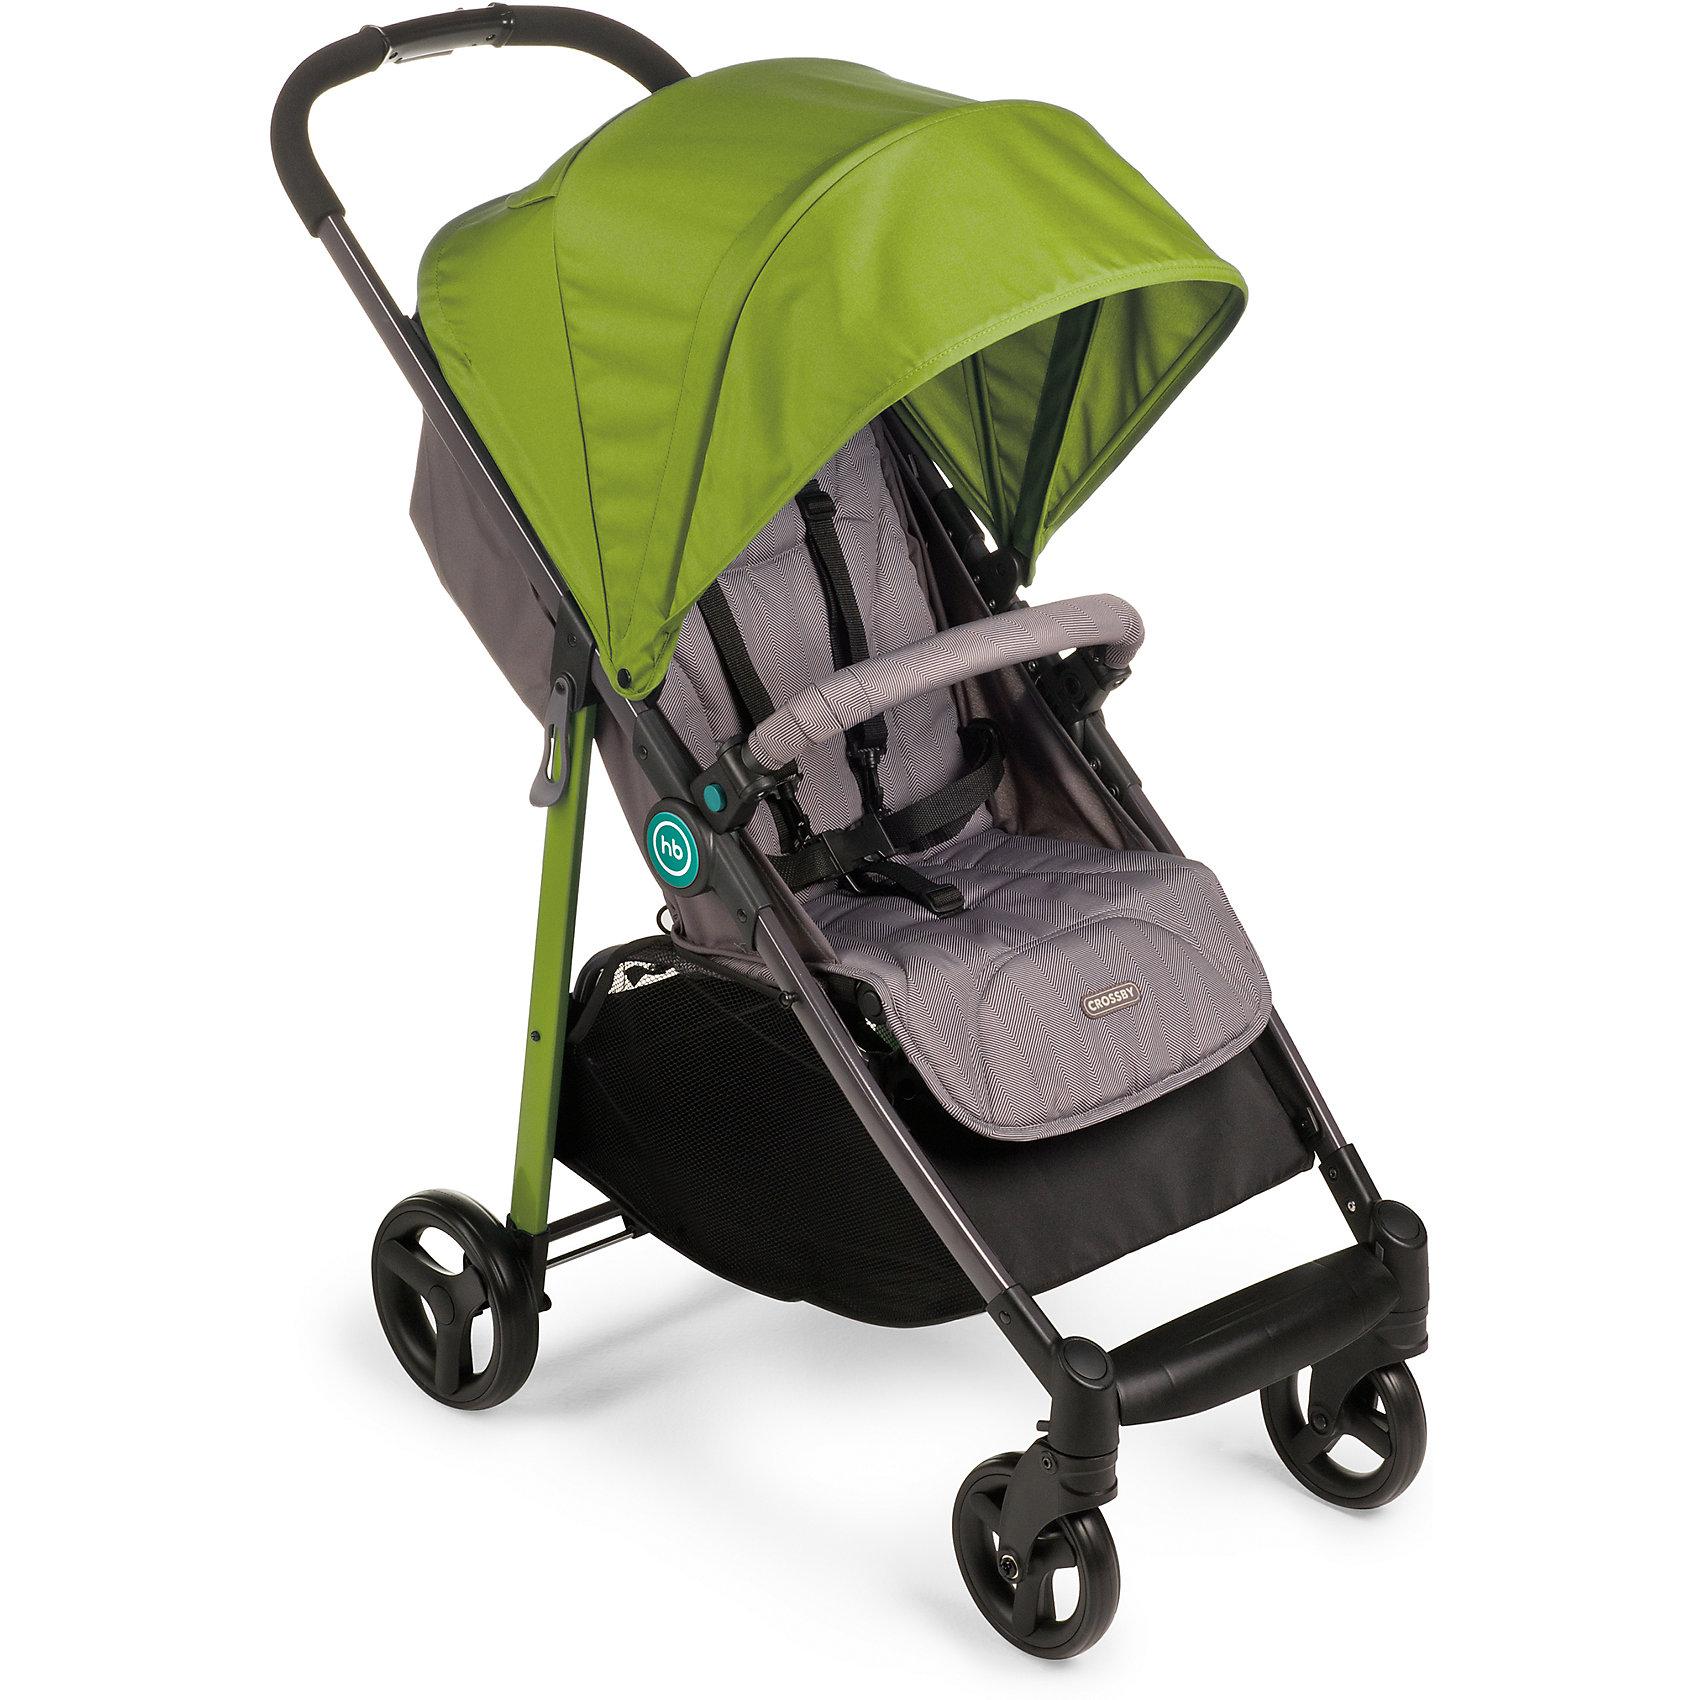 Прогулочная коляска Happy Baby Crossby, зеленыйСезон весна-лето<br>Характеристики коляски<br><br>Прогулочный блок:<br><br>• регулируемый угол наклона спинки, 175 градусов;<br>• регулируемая подножка;<br>• 5-ти точечные ремни безопасности;<br>• бампер обтянут мягкой тканью, отводится в сторону;<br>• капюшон с солнцезащитным козырьком;<br>• капюшон оснащен смотровым клеенчатым окошком под клапаном на липучке;<br>• чехол на ножки защищает от ветра и непогоды;<br>• дождевик и москитная сетка защищают от осадков и насекомых;<br>• корзина для покупок вмещает до 3 кг;<br>• материал: пластик, полиэстер.<br><br>Рама коляски: <br><br>• плавающие передние колеса с ручной фиксацией;<br>• пружинные амортизаторы на передних и задних колесах;<br>• тип складывания: книжка;<br>• тип тормоза – ножной;<br>• коляска складывается одной рукой;<br>• материал рамы: алюминий, колеса - пластиковые.<br><br>Размеры:<br><br>• размер коляски: 96х51х104 см;<br>• размер в сложенном виде: 84х50,5х29 см;<br>• диаметр колес: 15 см, 18 см;<br>• ширина сиденья: 34 см;<br>• глубина сиденья: 23 см;<br>• размер корзины: 31х31х18 см;<br>• вес коляски: 7,7 кг;<br>• размер упаковки: 83х21х45,5 см;<br>• вес в упаковке: 10 кг. <br><br>Прогулочную коляску Crossby, Happy Baby, цвет зеленый можно купить в нашем интернет-магазине.<br><br>Ширина мм: 830<br>Глубина мм: 210<br>Высота мм: 445<br>Вес г: 10050<br>Возраст от месяцев: 7<br>Возраст до месяцев: 36<br>Пол: Унисекс<br>Возраст: Детский<br>SKU: 5620084